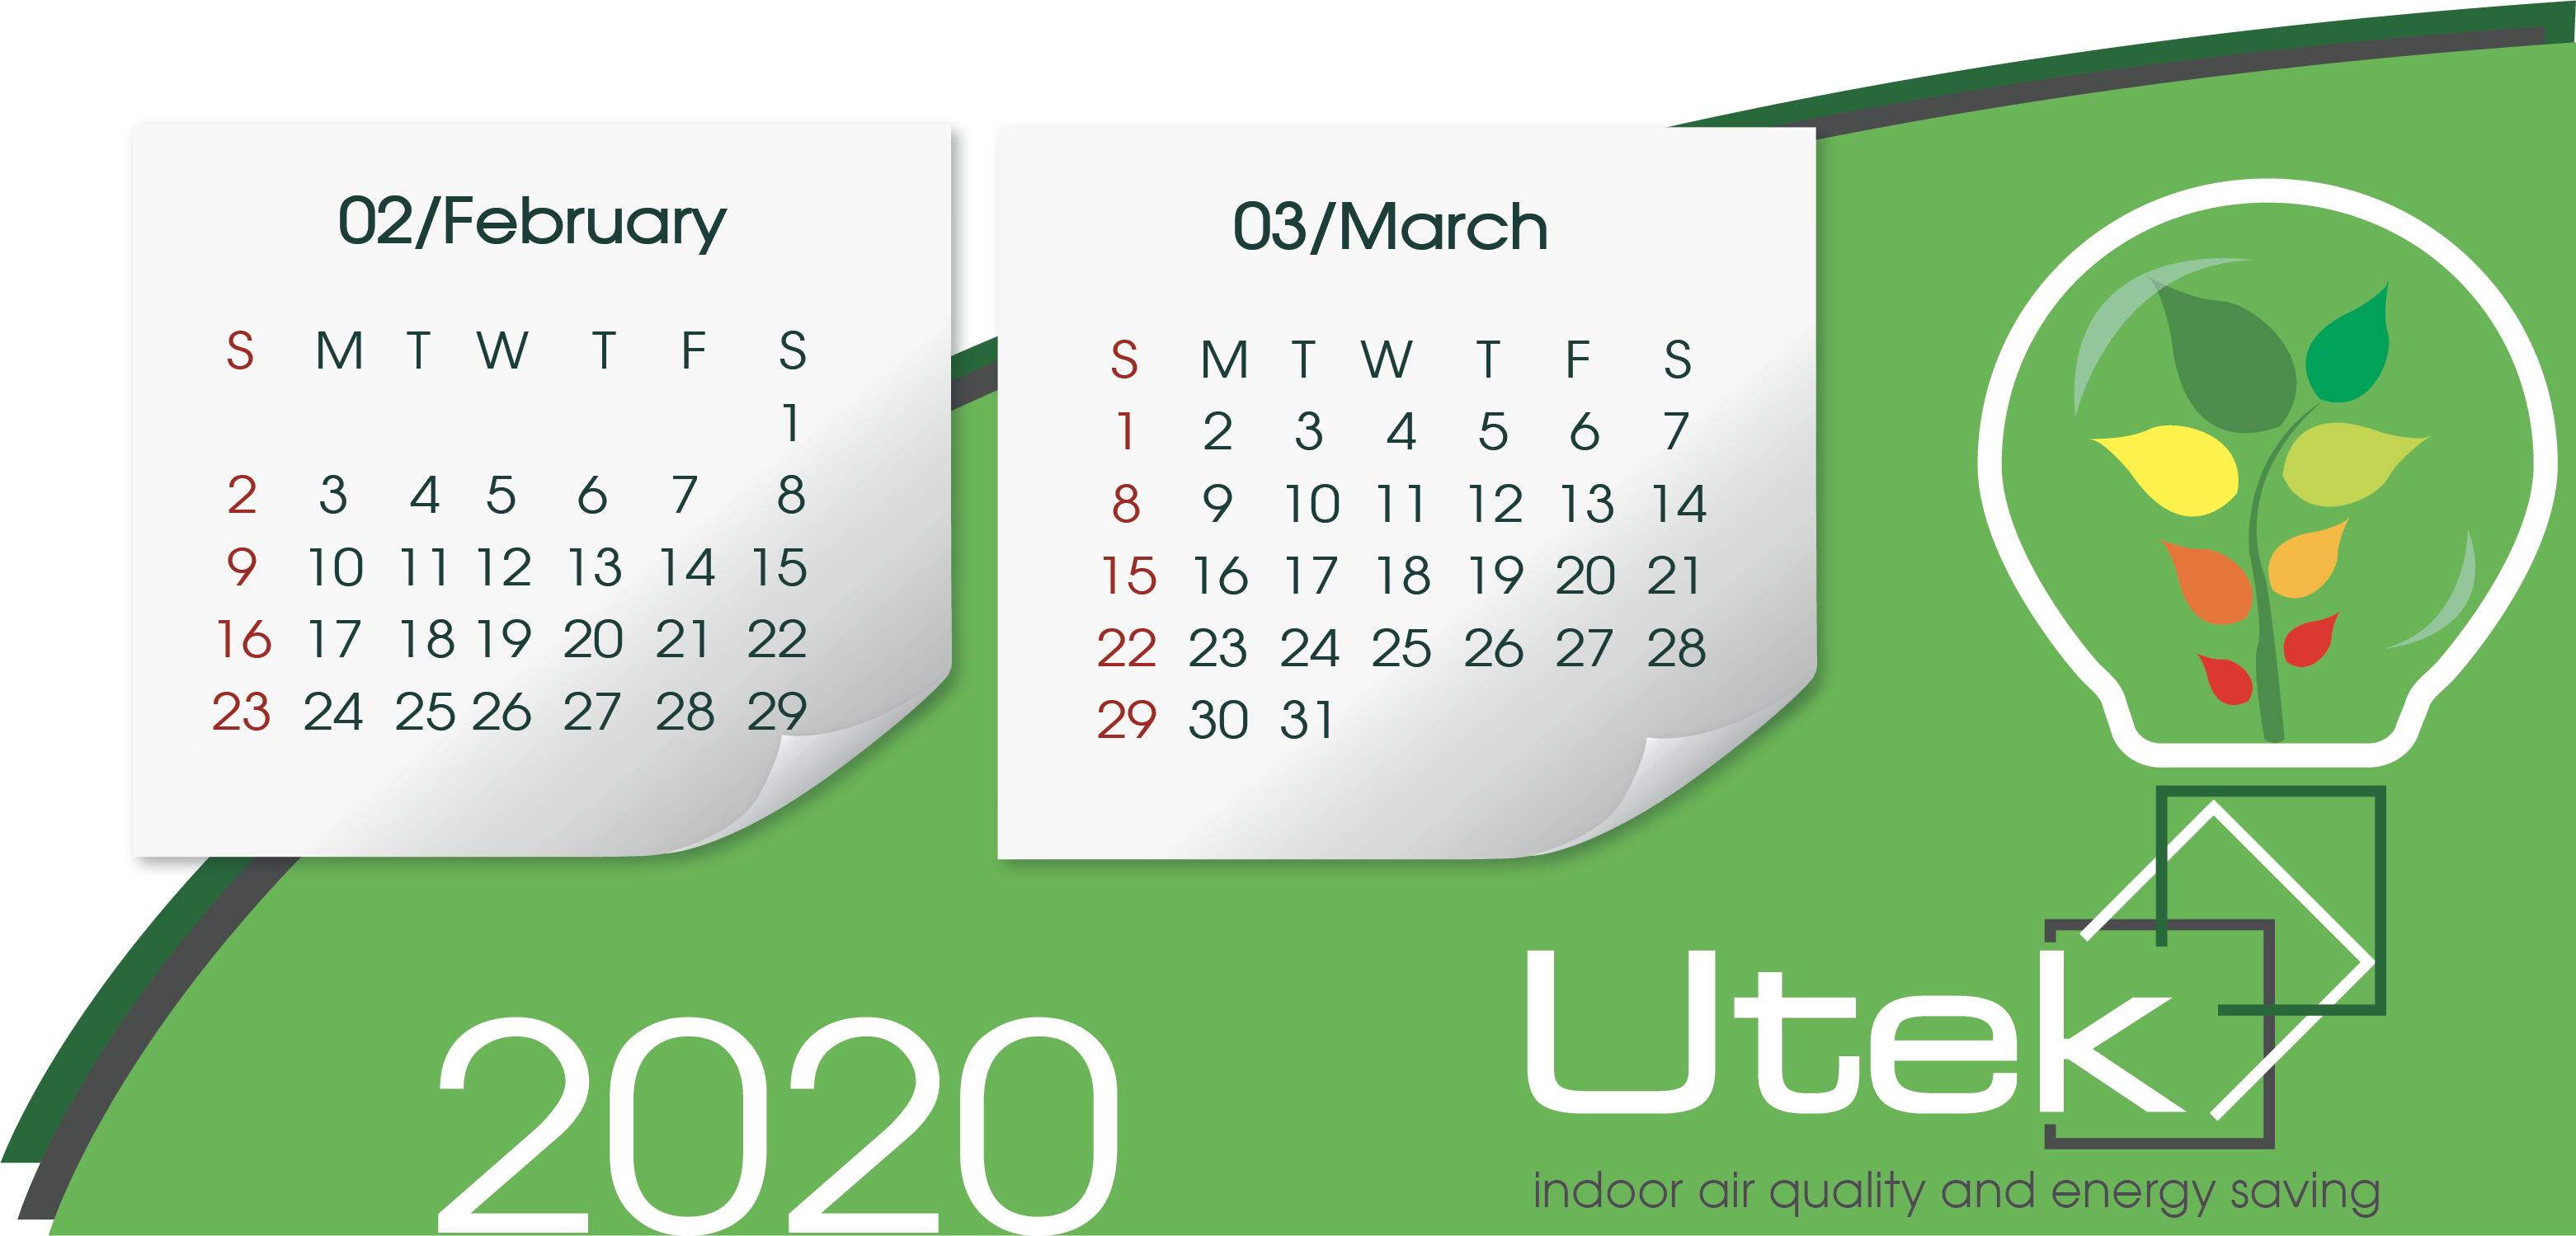 calendario cosri per sito